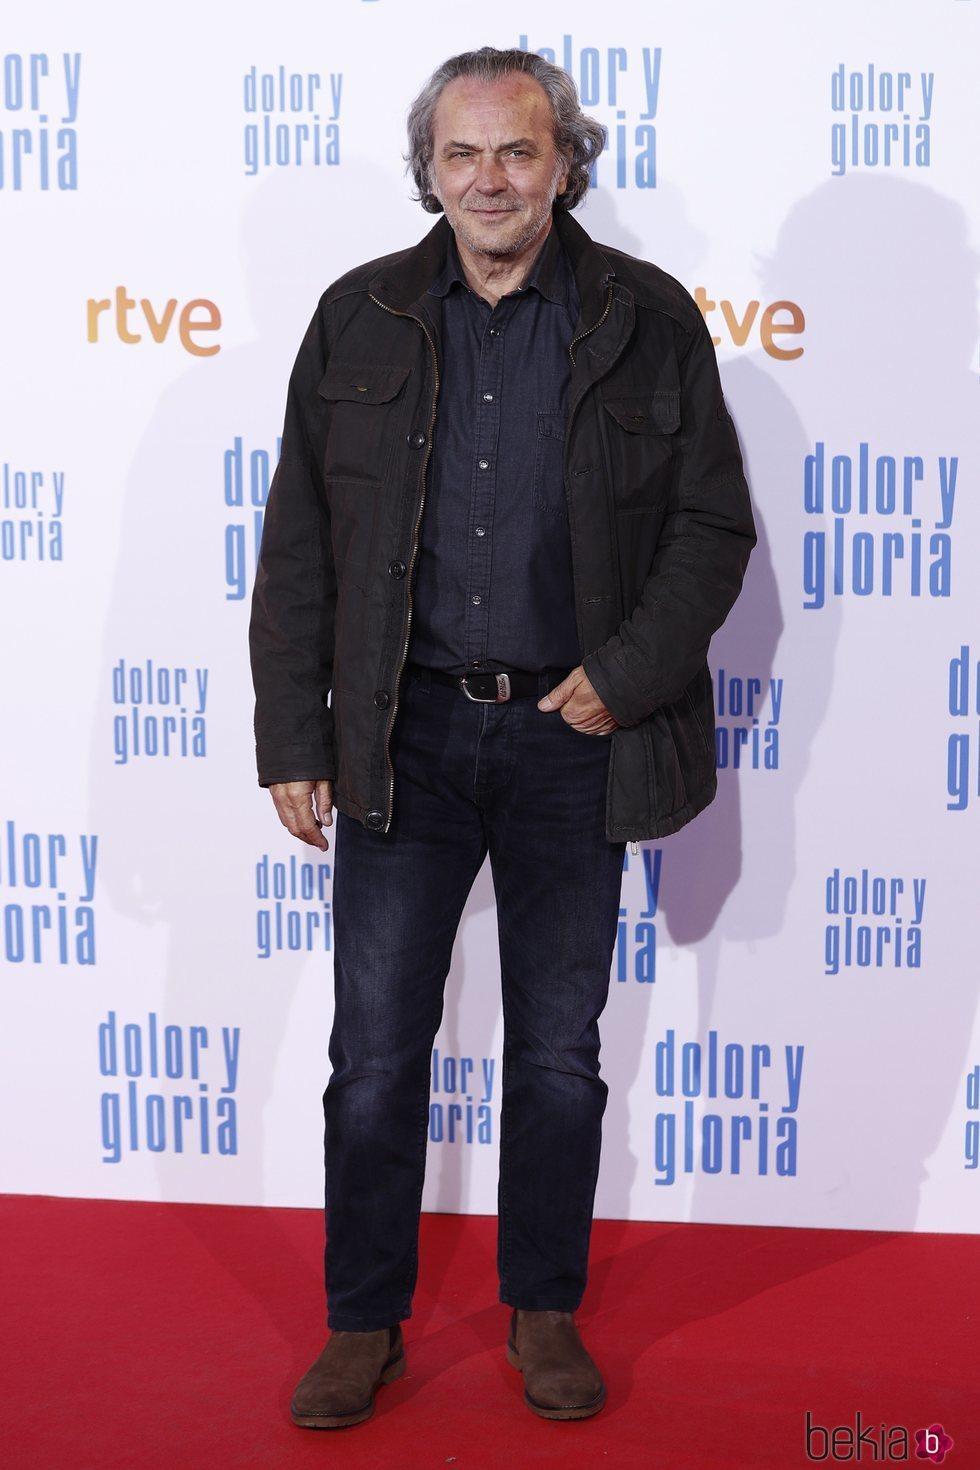 José Coronado en la alfombra roja de 'Dolor y gloria'